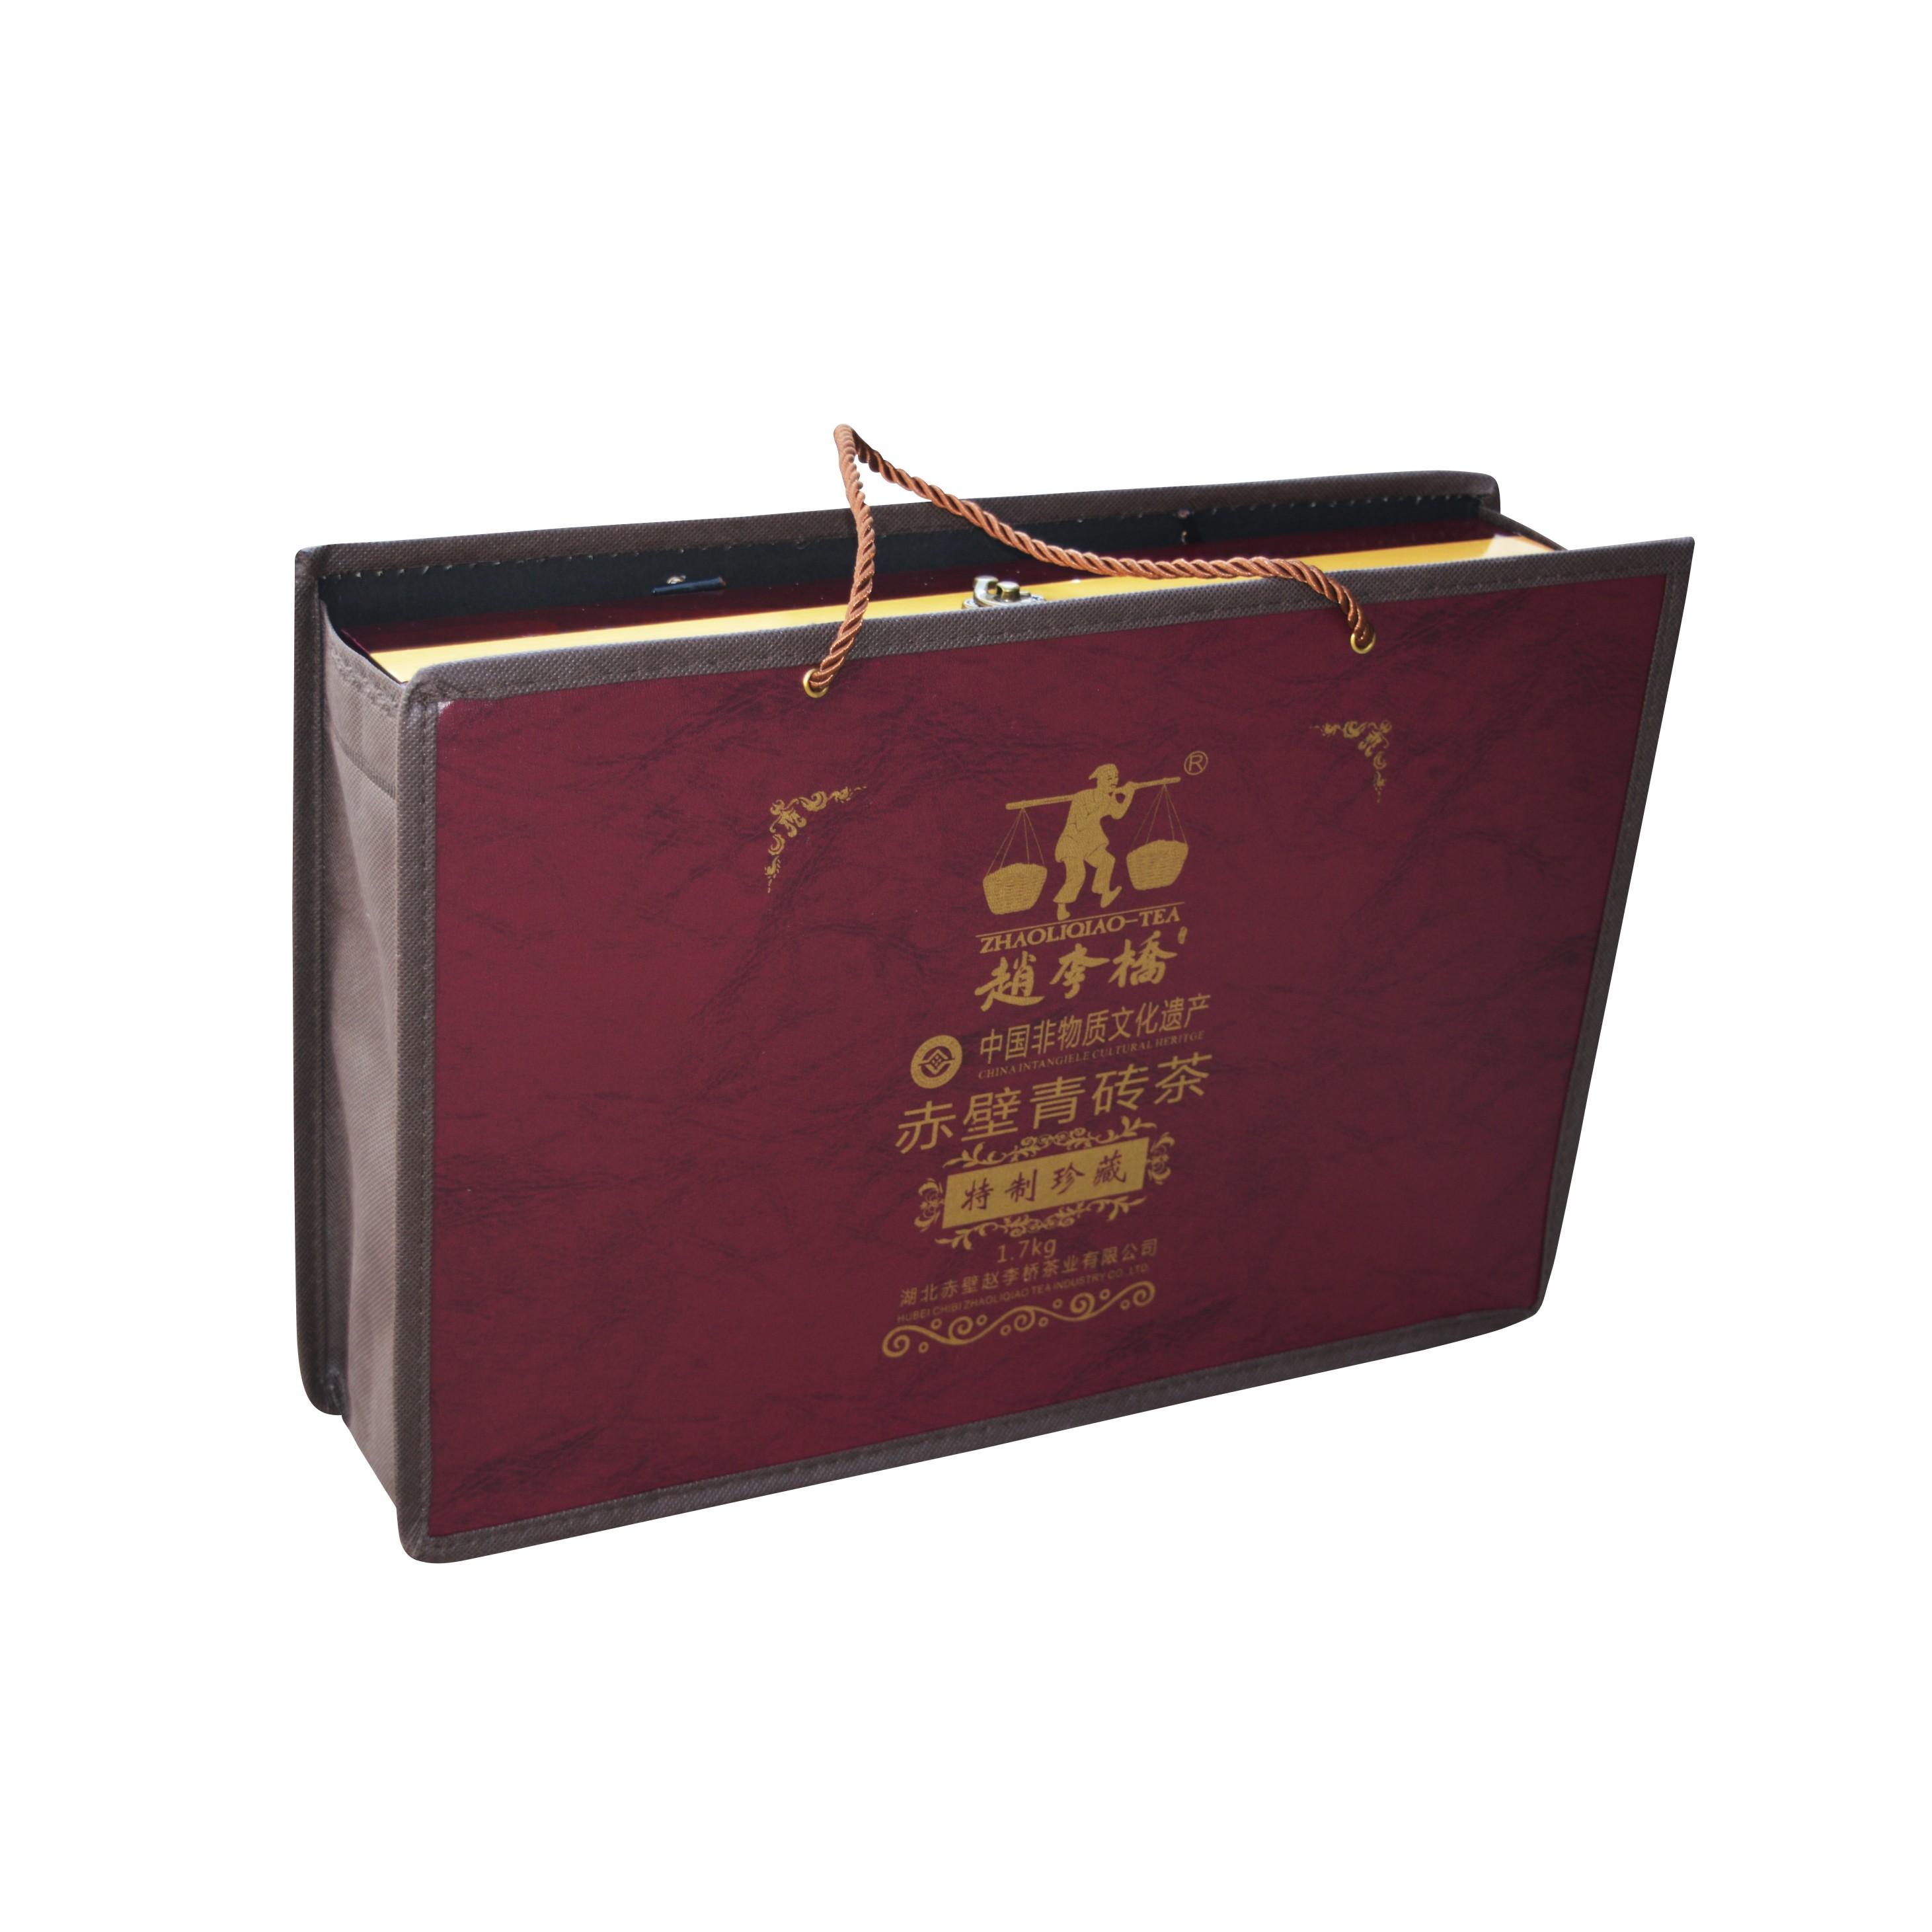 特制红木盒装